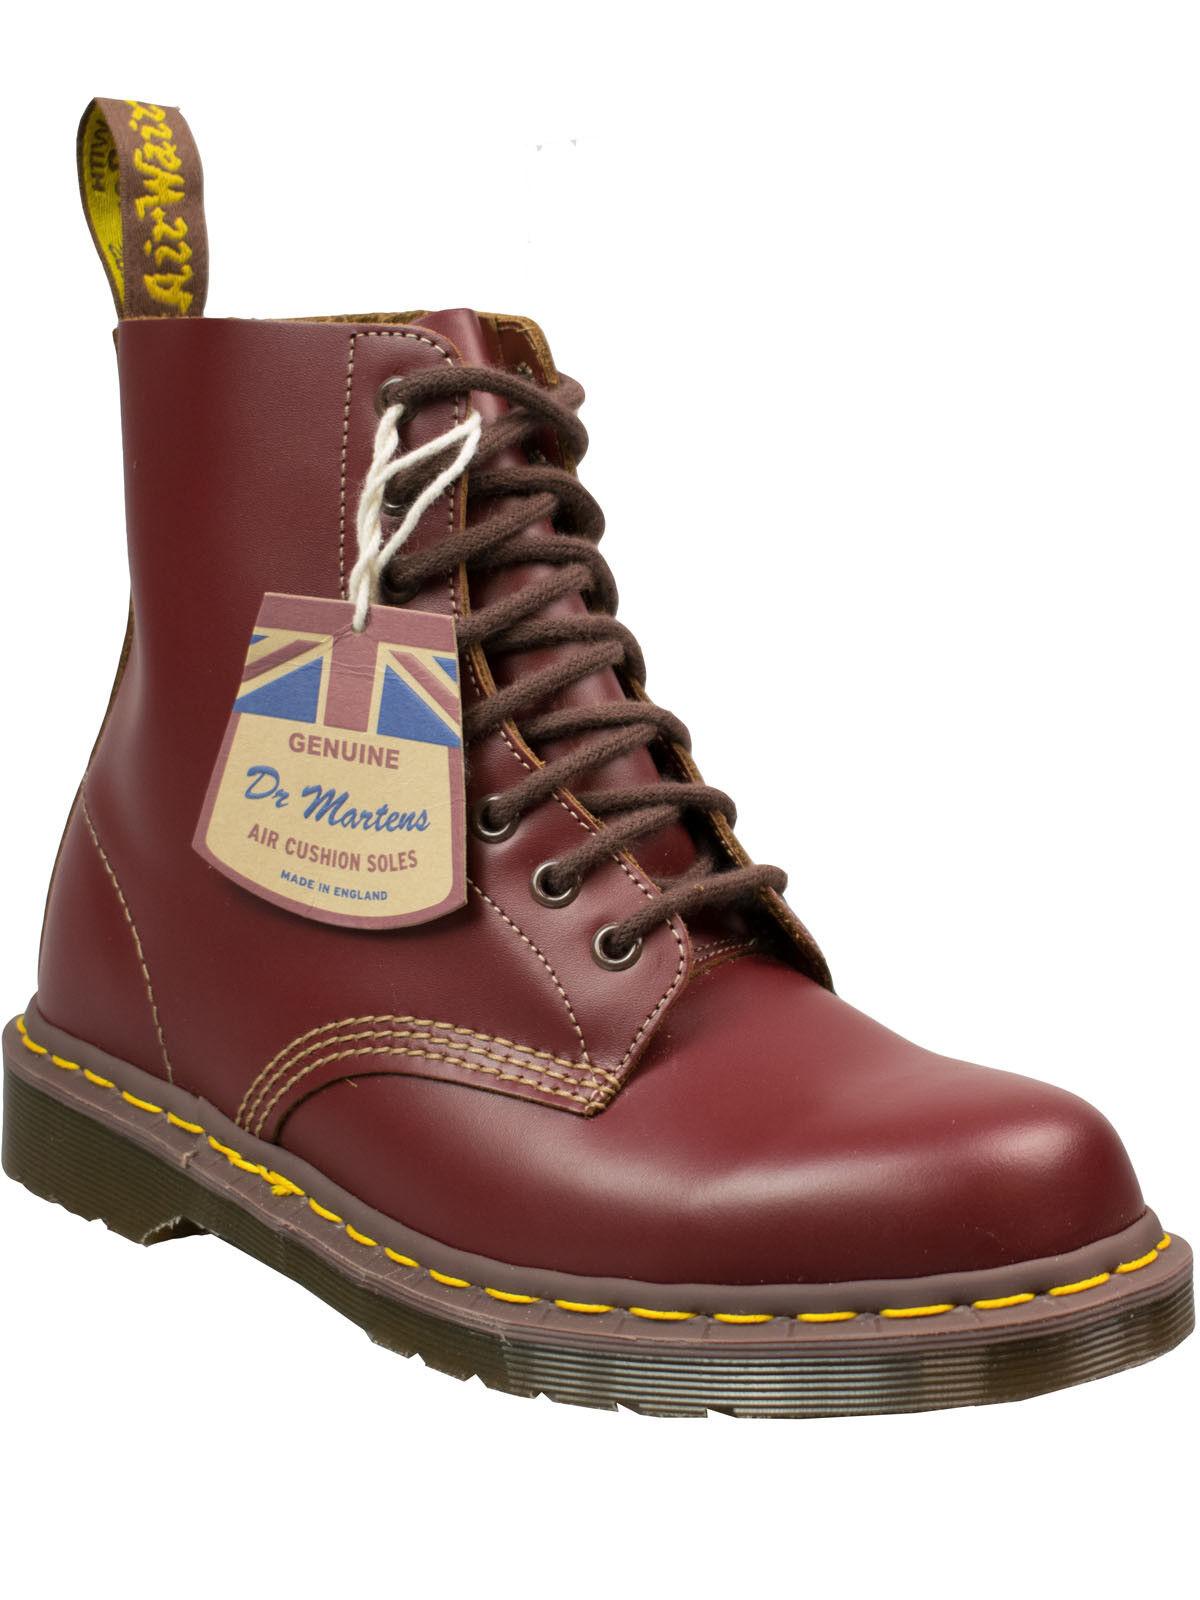 Dr. Martens Docs Stiefel 8-loch 1460 Vintage Made in England Oxblood Vintage 1460 #5056 8fc35f